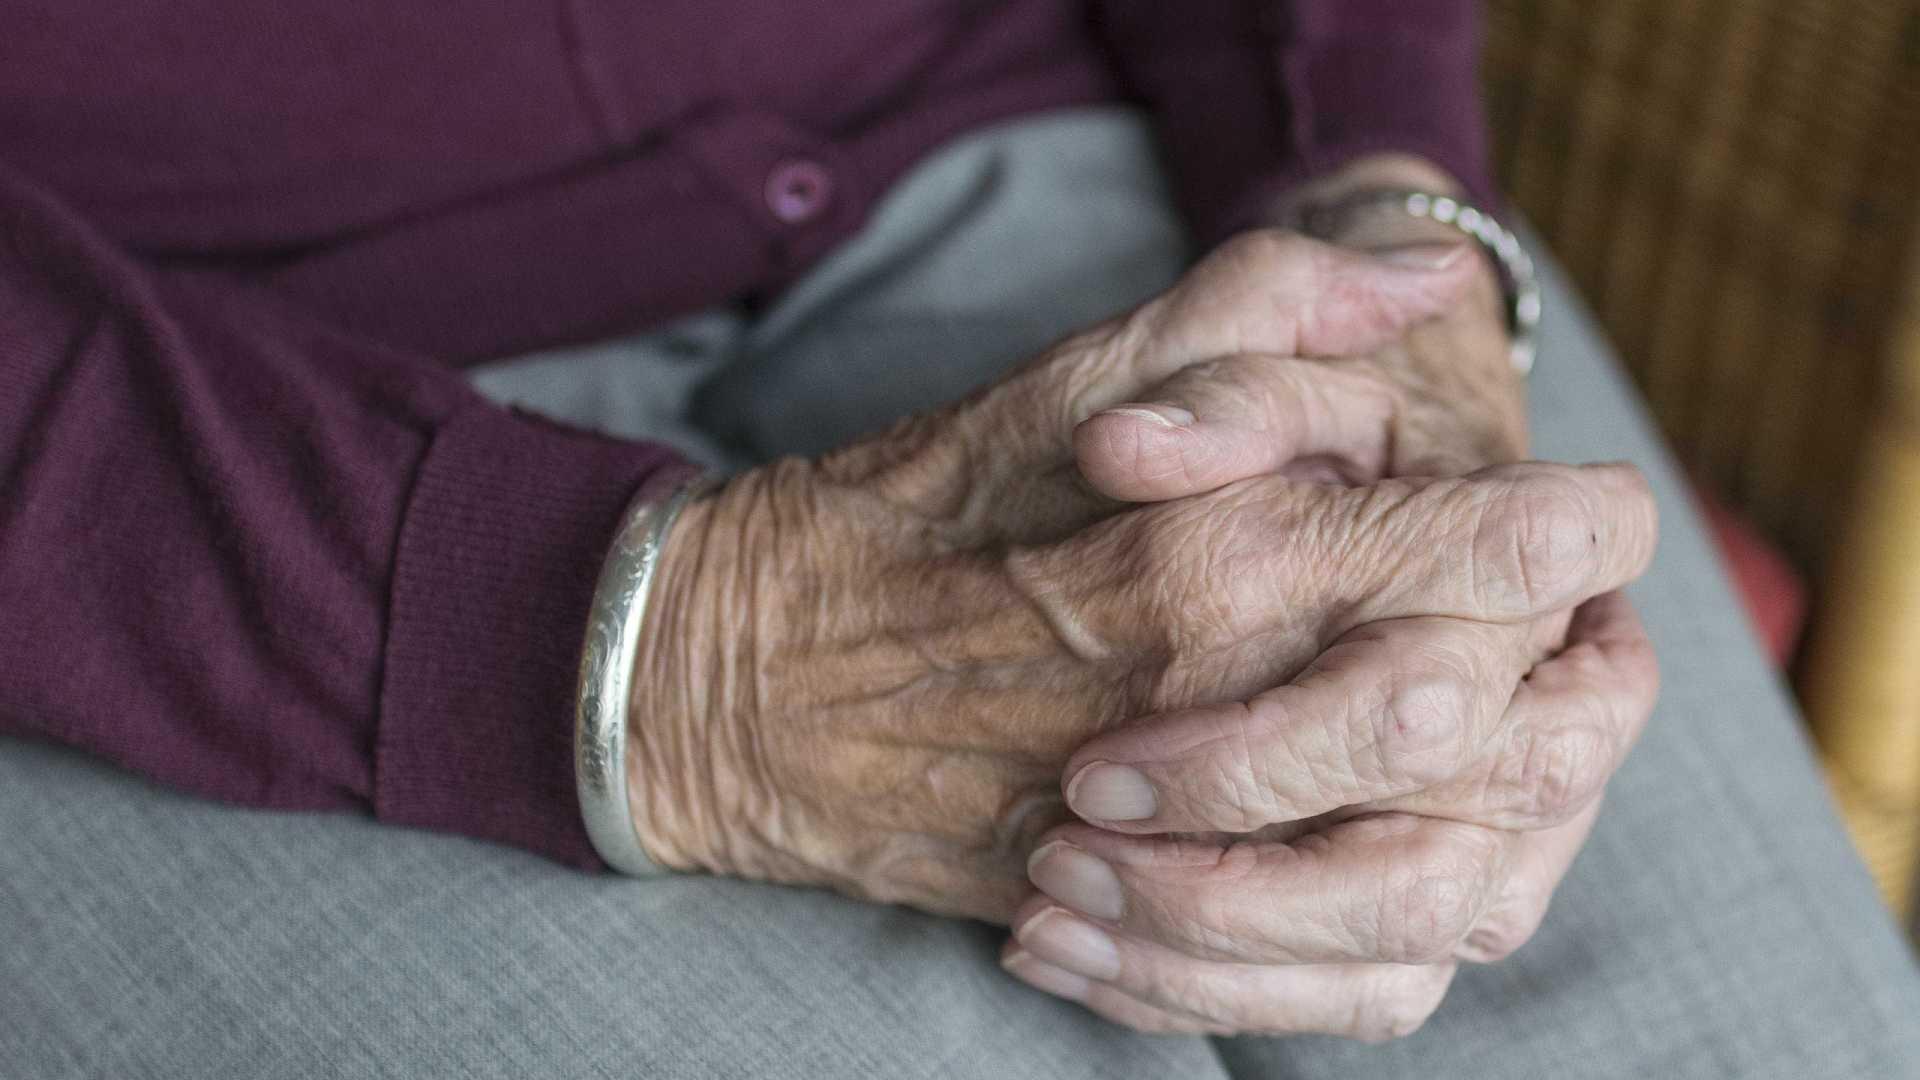 Em noite fria, idosa é abandonada na porta de asilo em SC